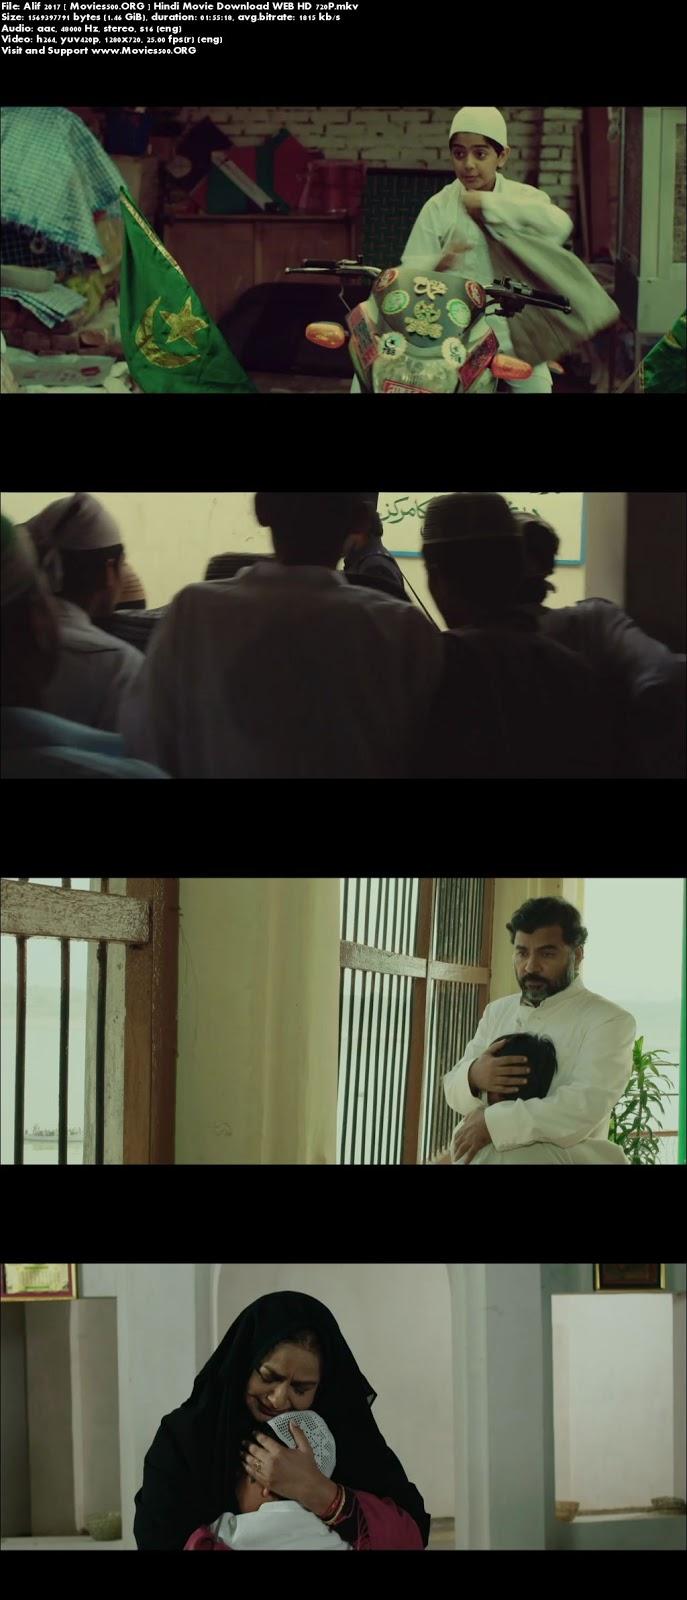 Alif 2017 Hindi Movie Download WEB HD at movies500.site